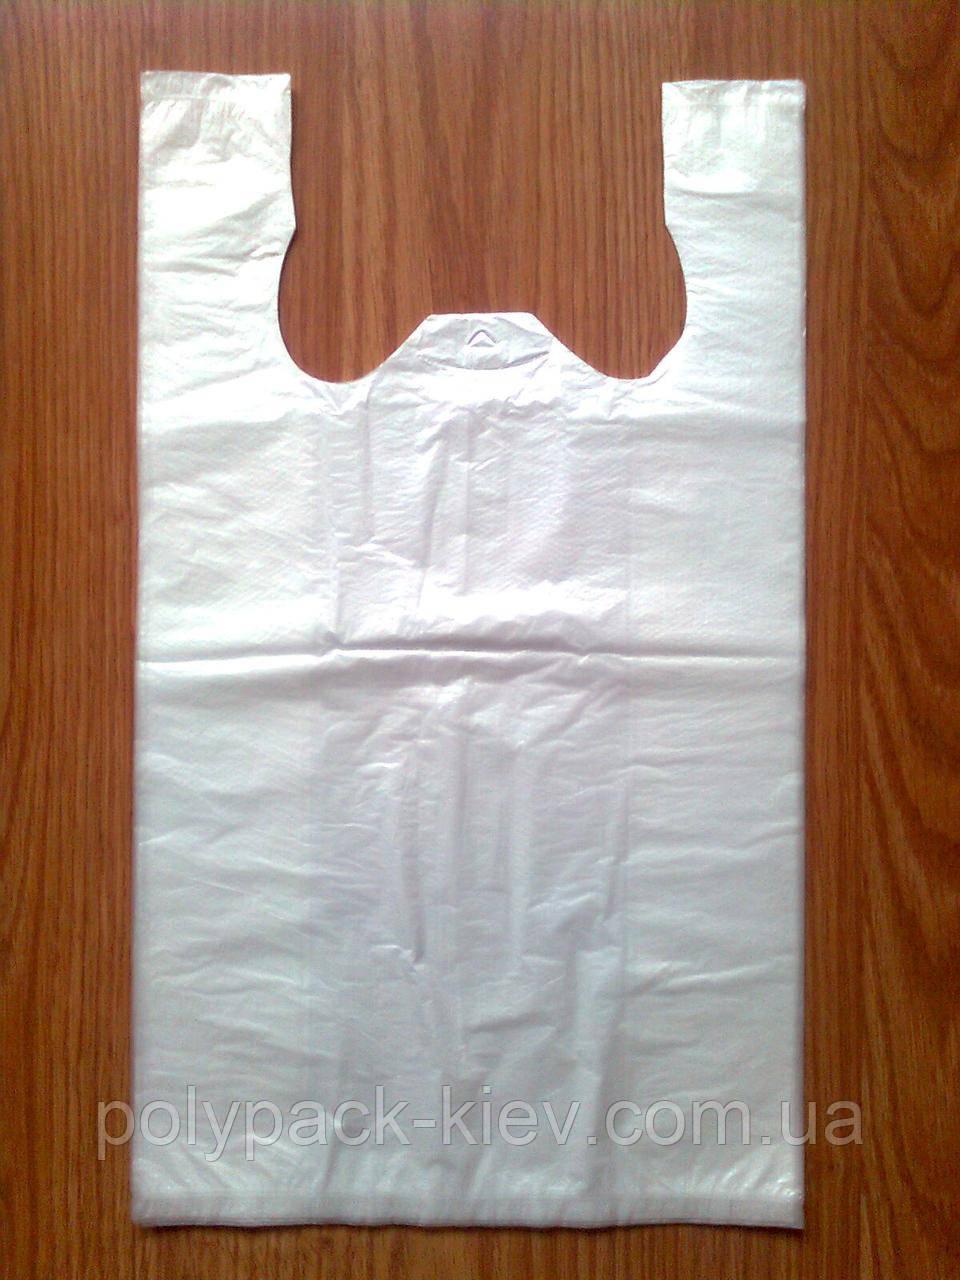 Пакеты-майка супер 24х42 см/10 мкм белая, белые пакеты пакет упаковочный кульки от производителя оптом